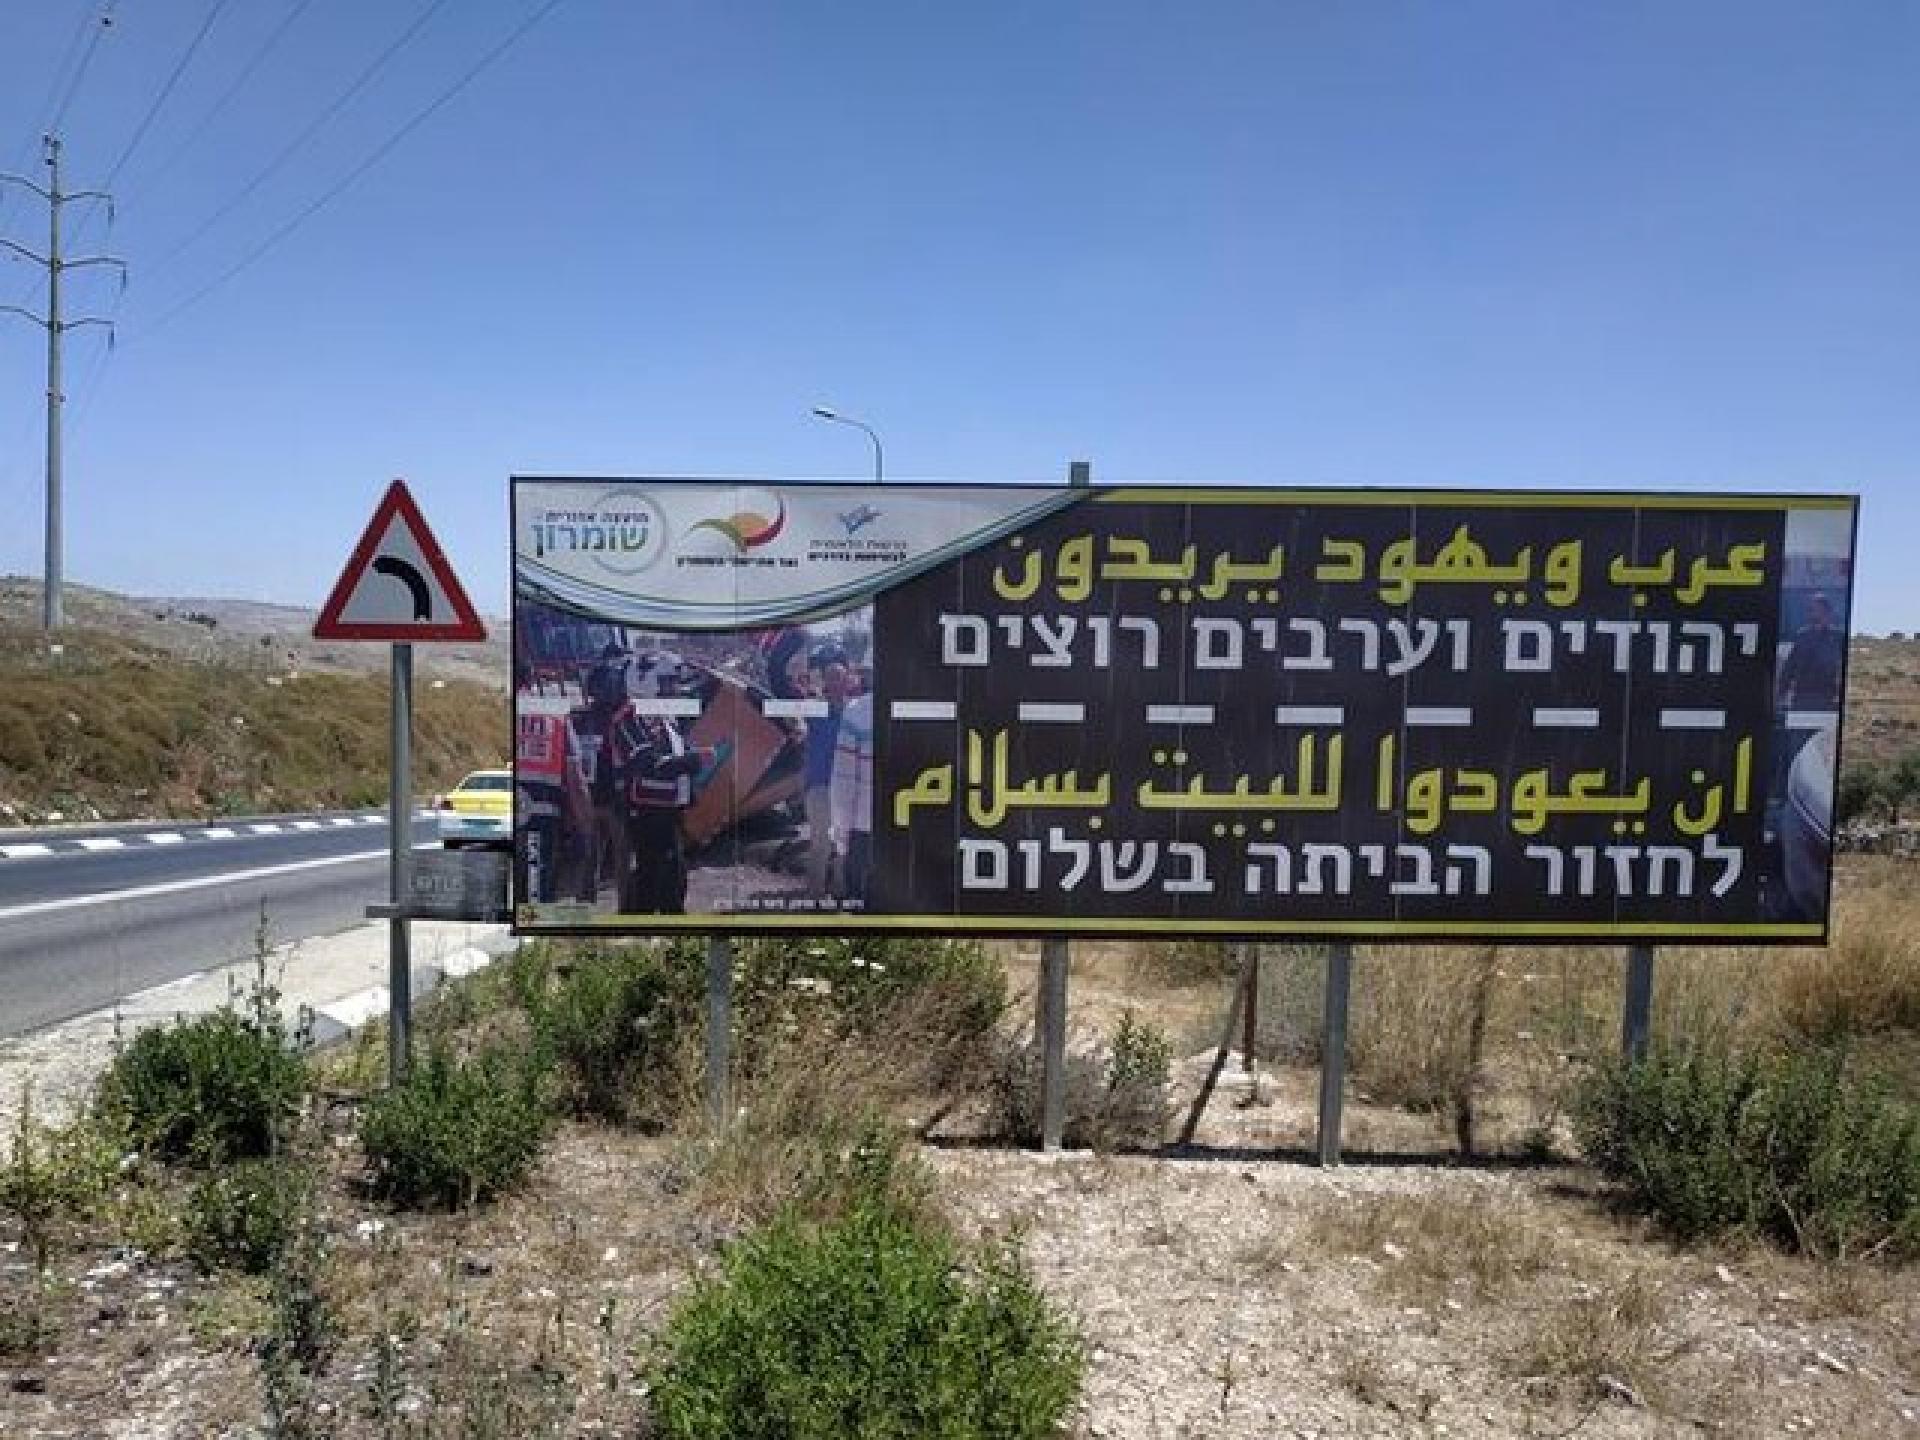 שלט בעברית ובערבית: לחזור הביתה בשלום